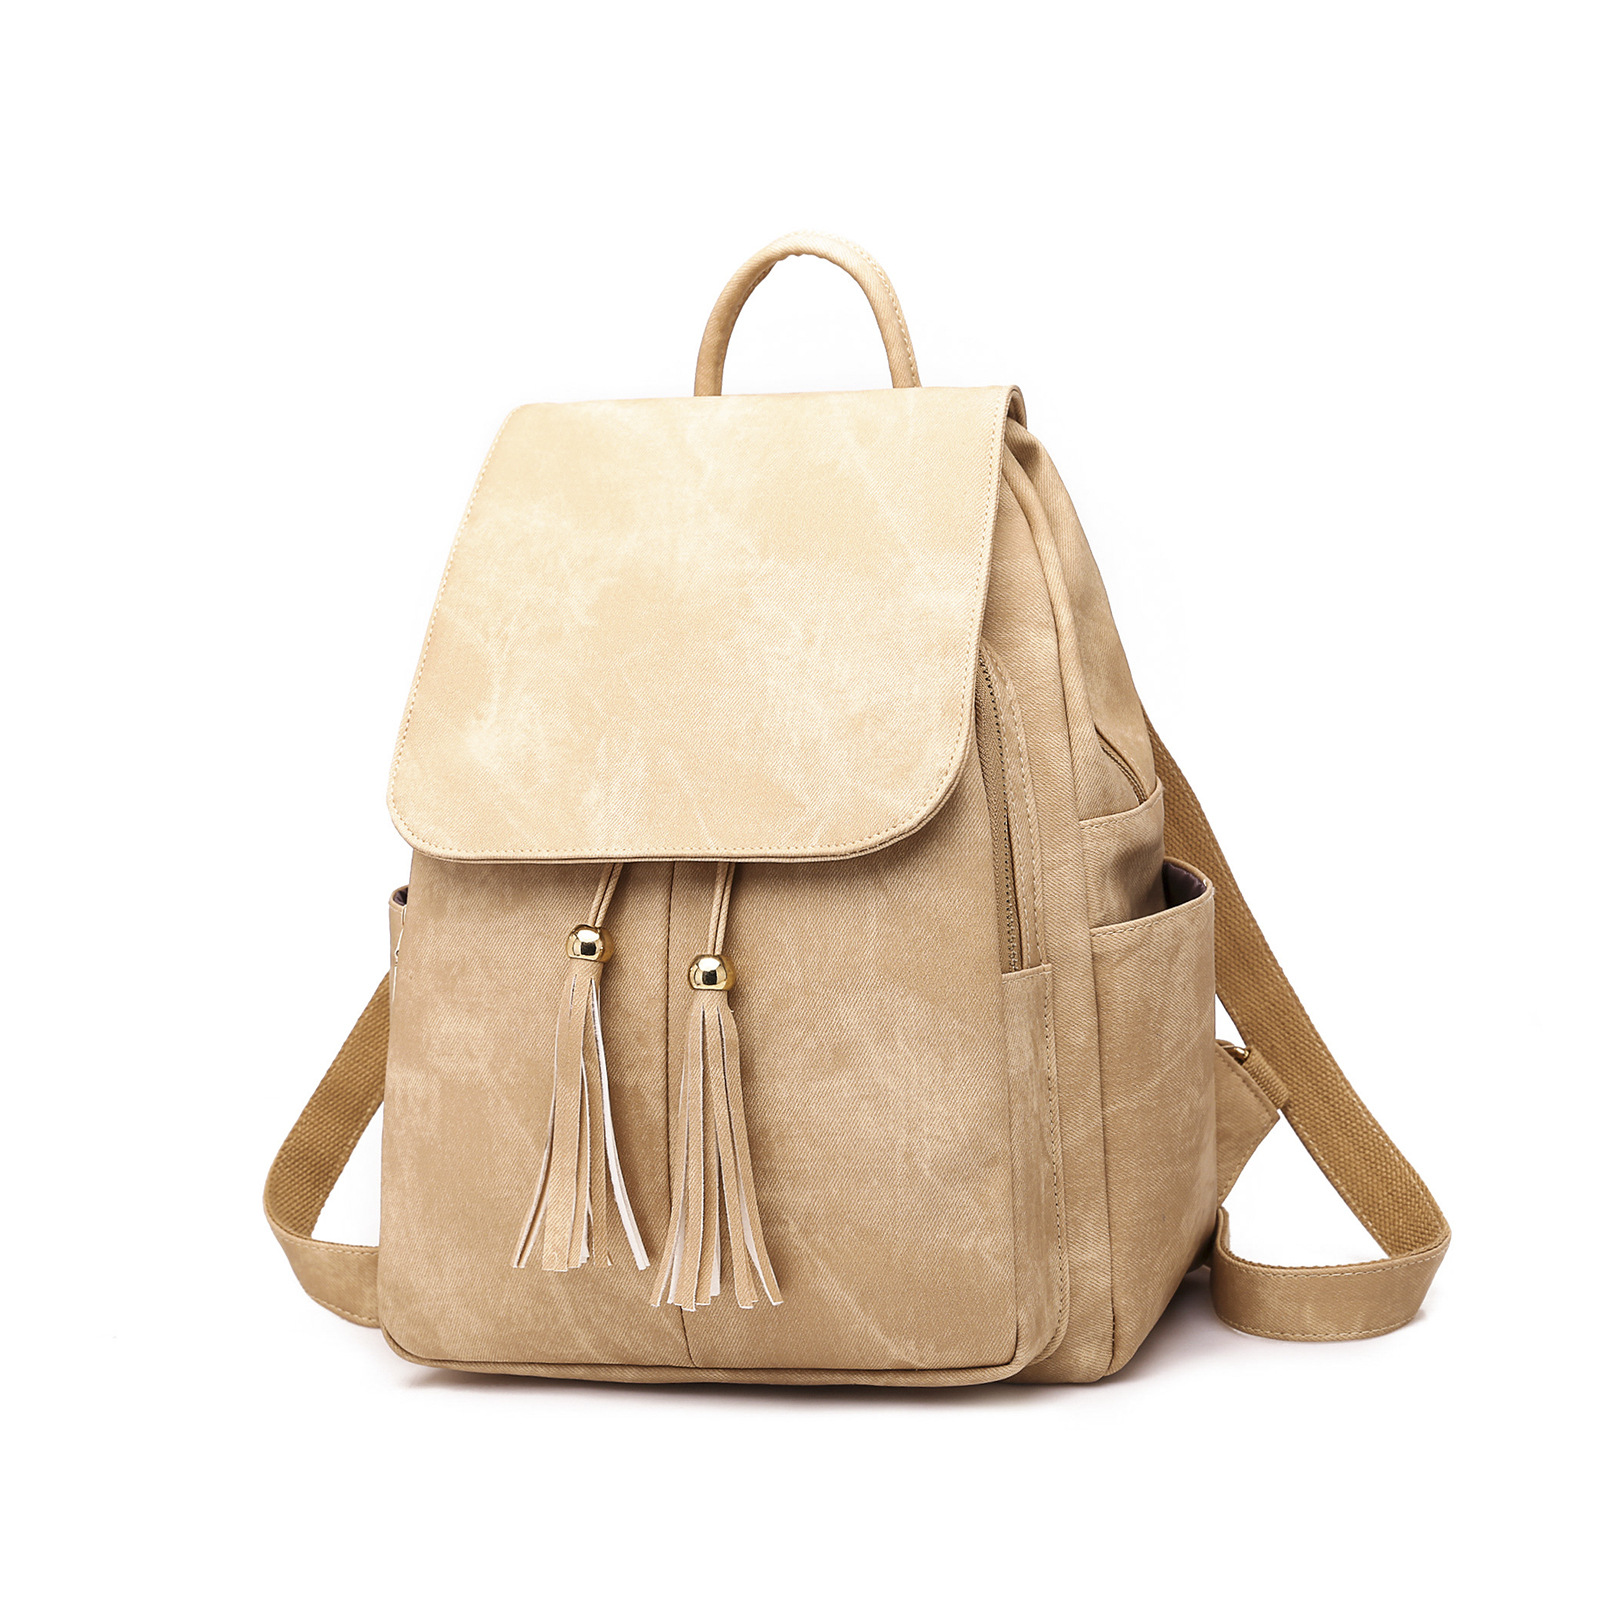 Новый модный кожаный женский рюкзак высокого качества Женская Студенческая сумка для девочек известный бренд повседневные школьные сумки